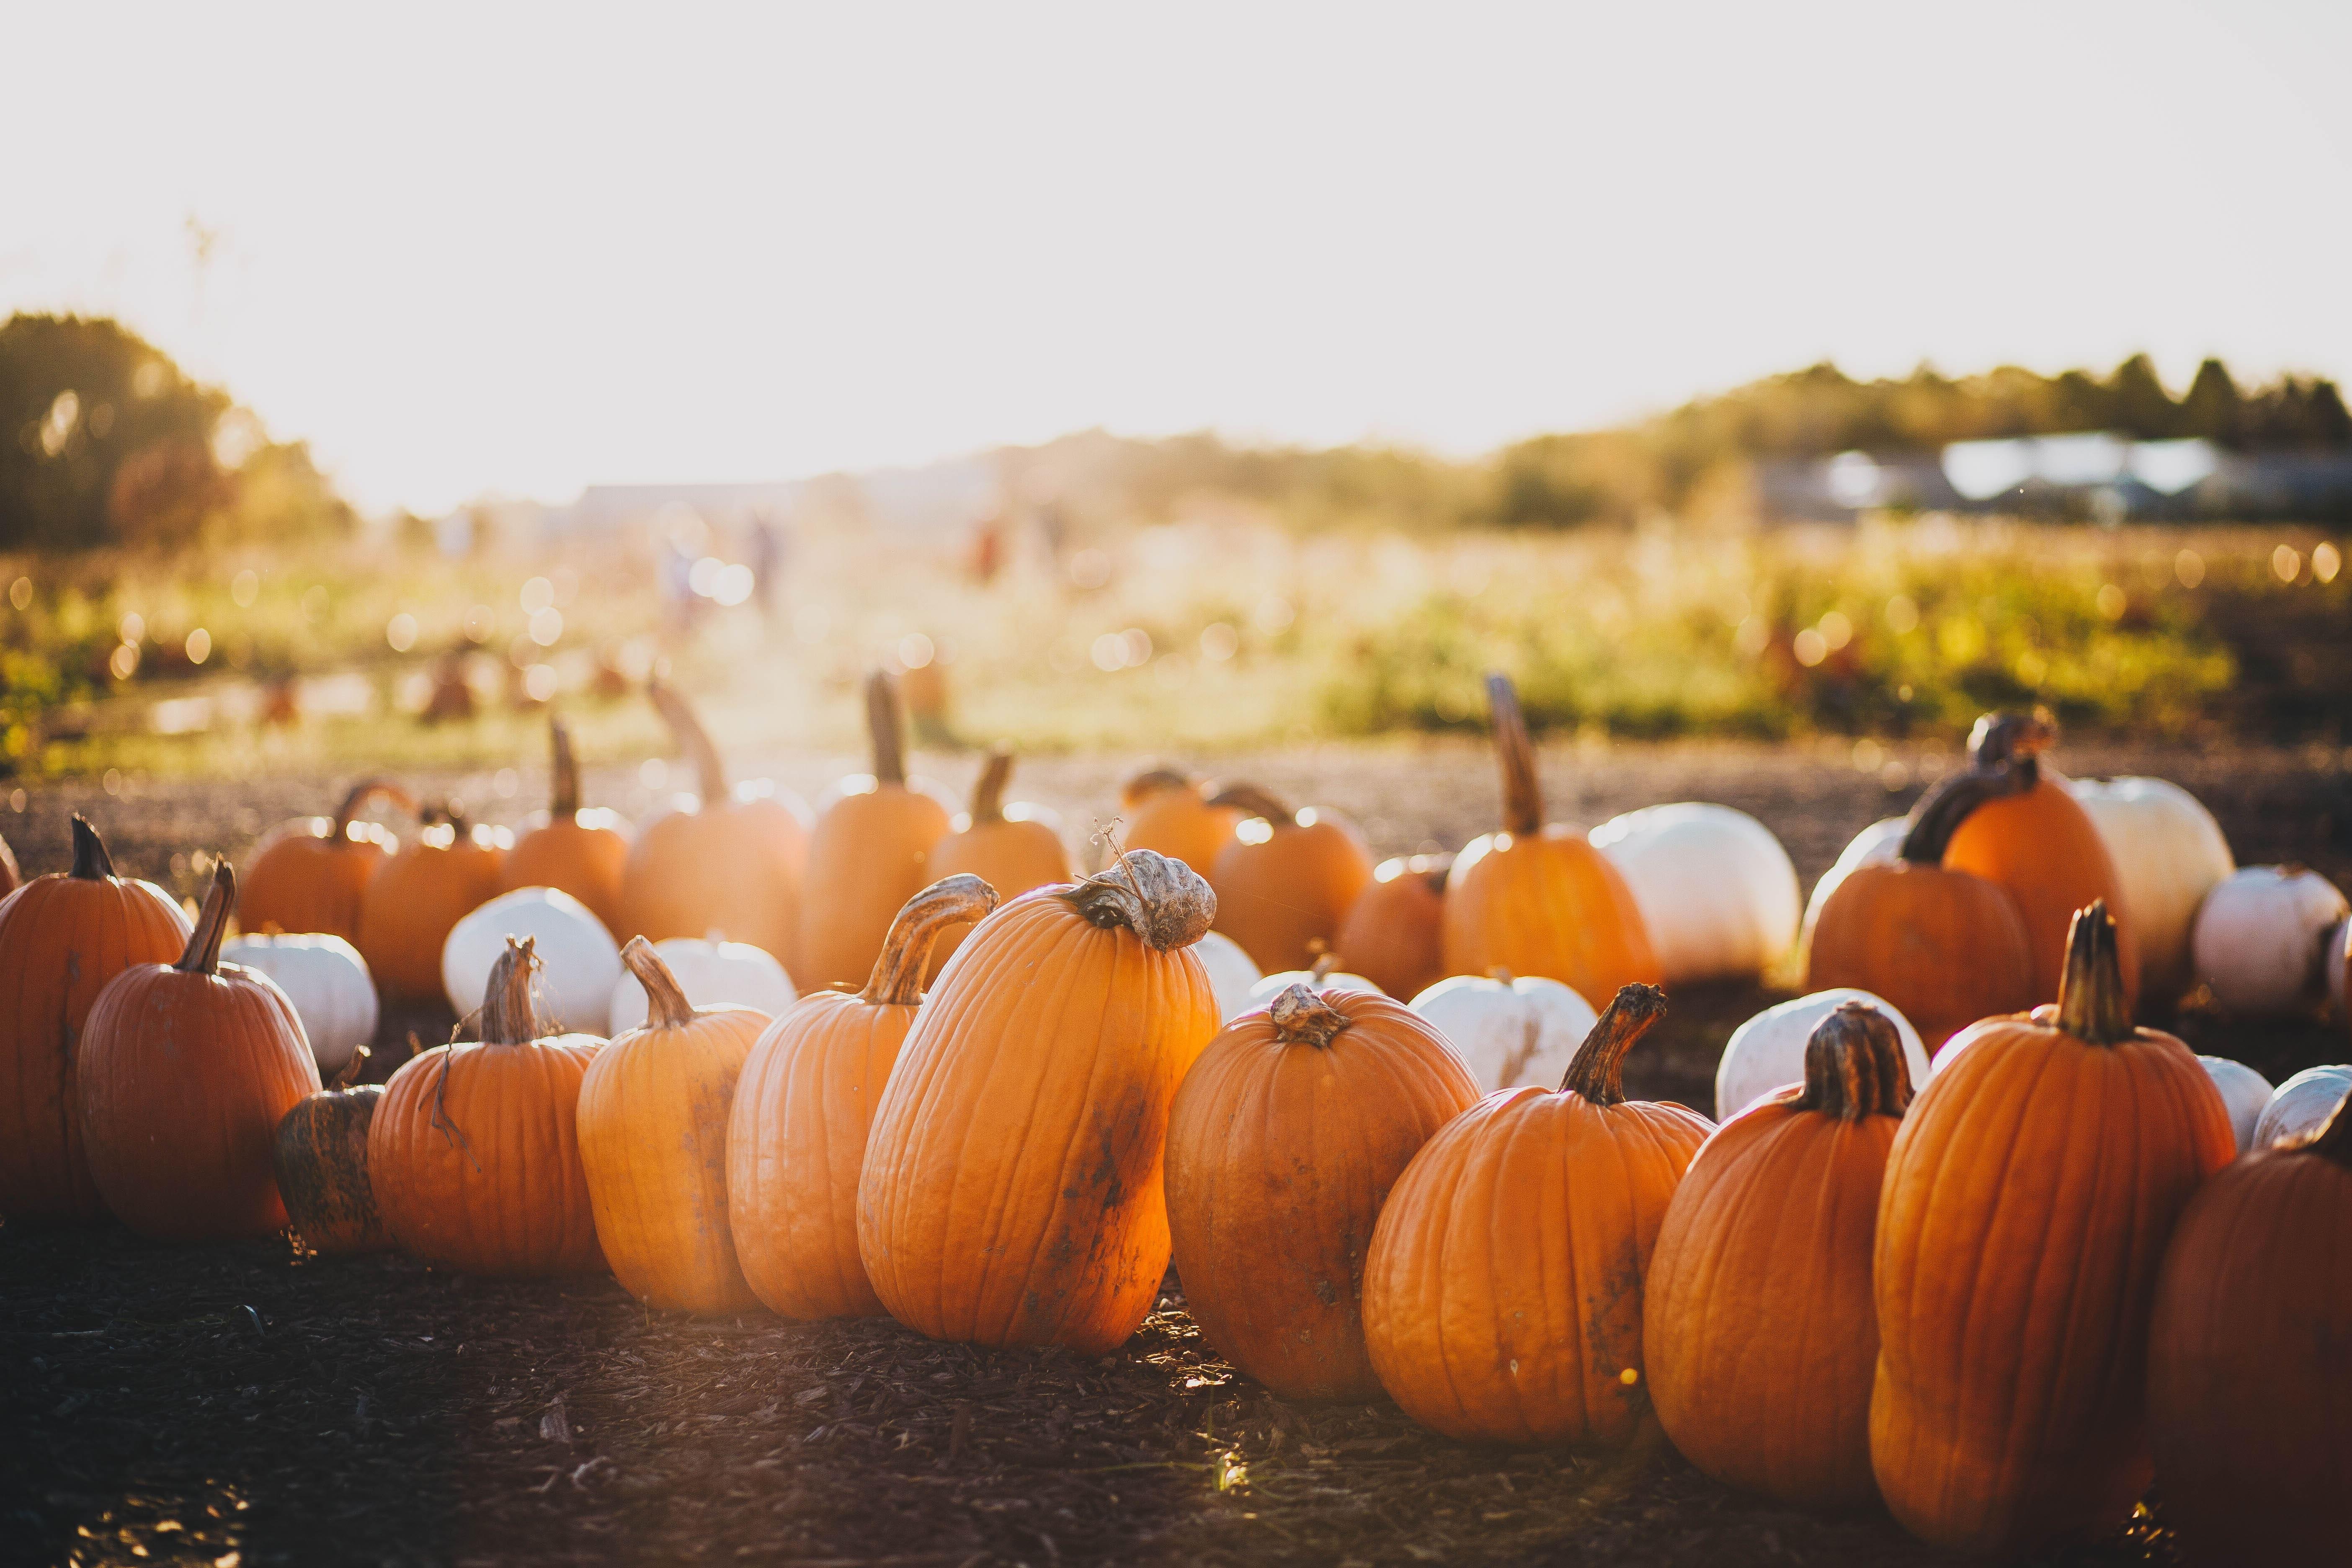 Pumpkin Patch Photo by Maddy Baker | unsplash